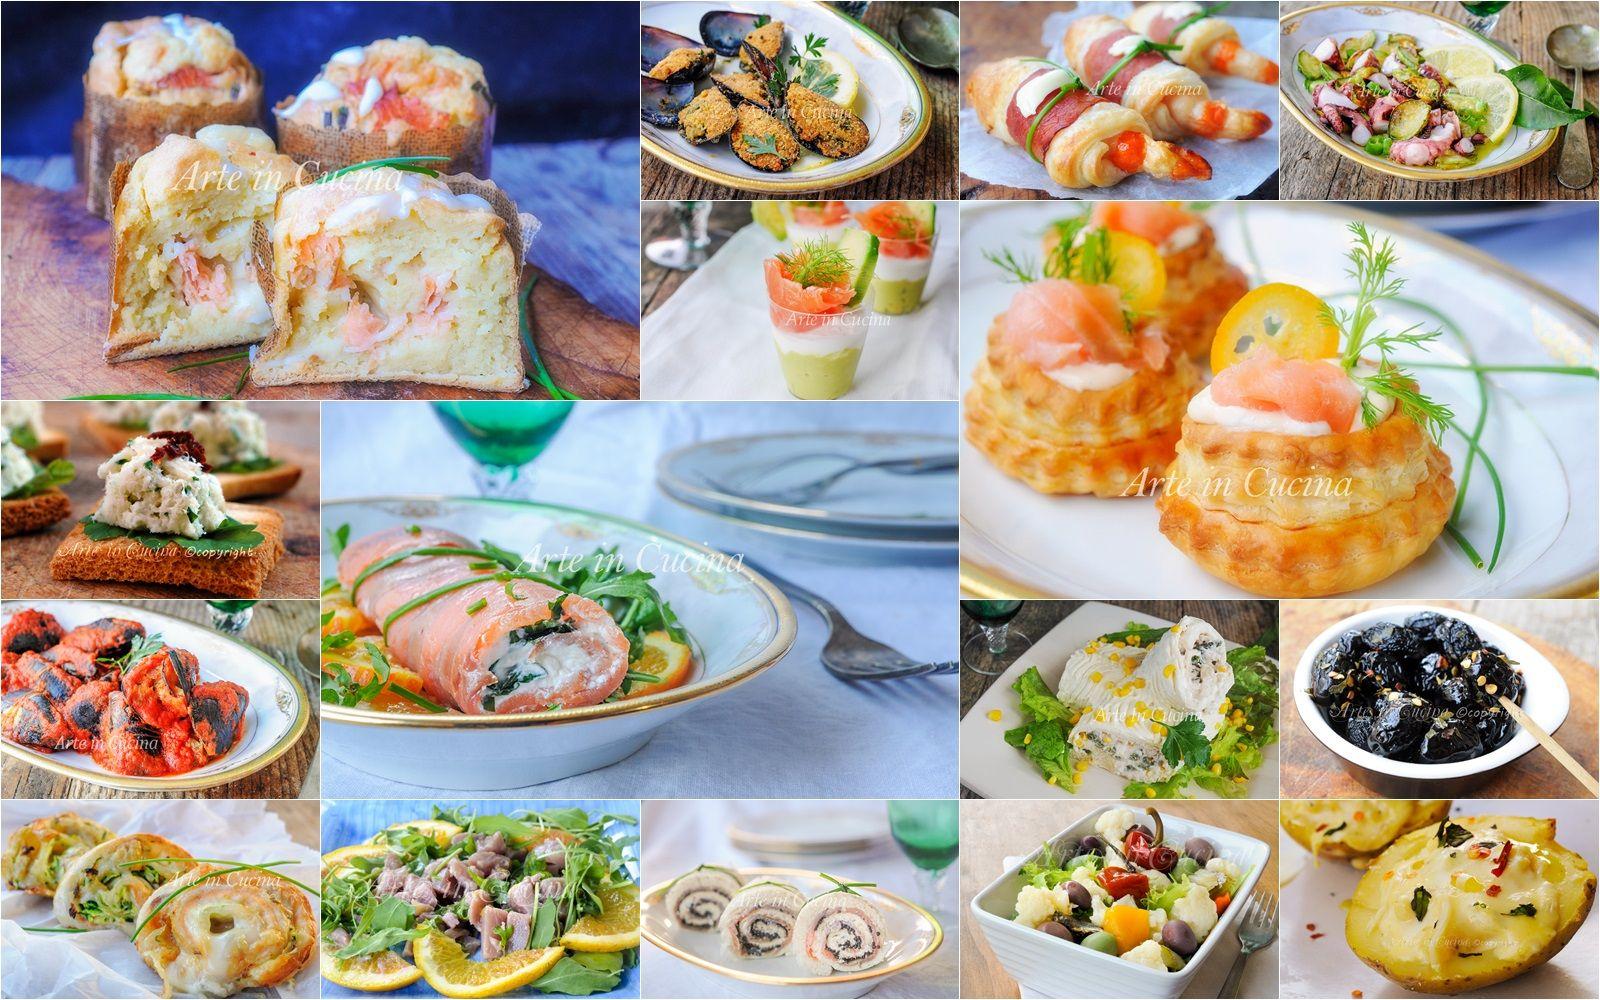 Antipasti Per La Sera Di Natale.Antipasti Vigilia Di Natale Con Pesce Ricette Facili Ricette Facili Ricette Antipasti